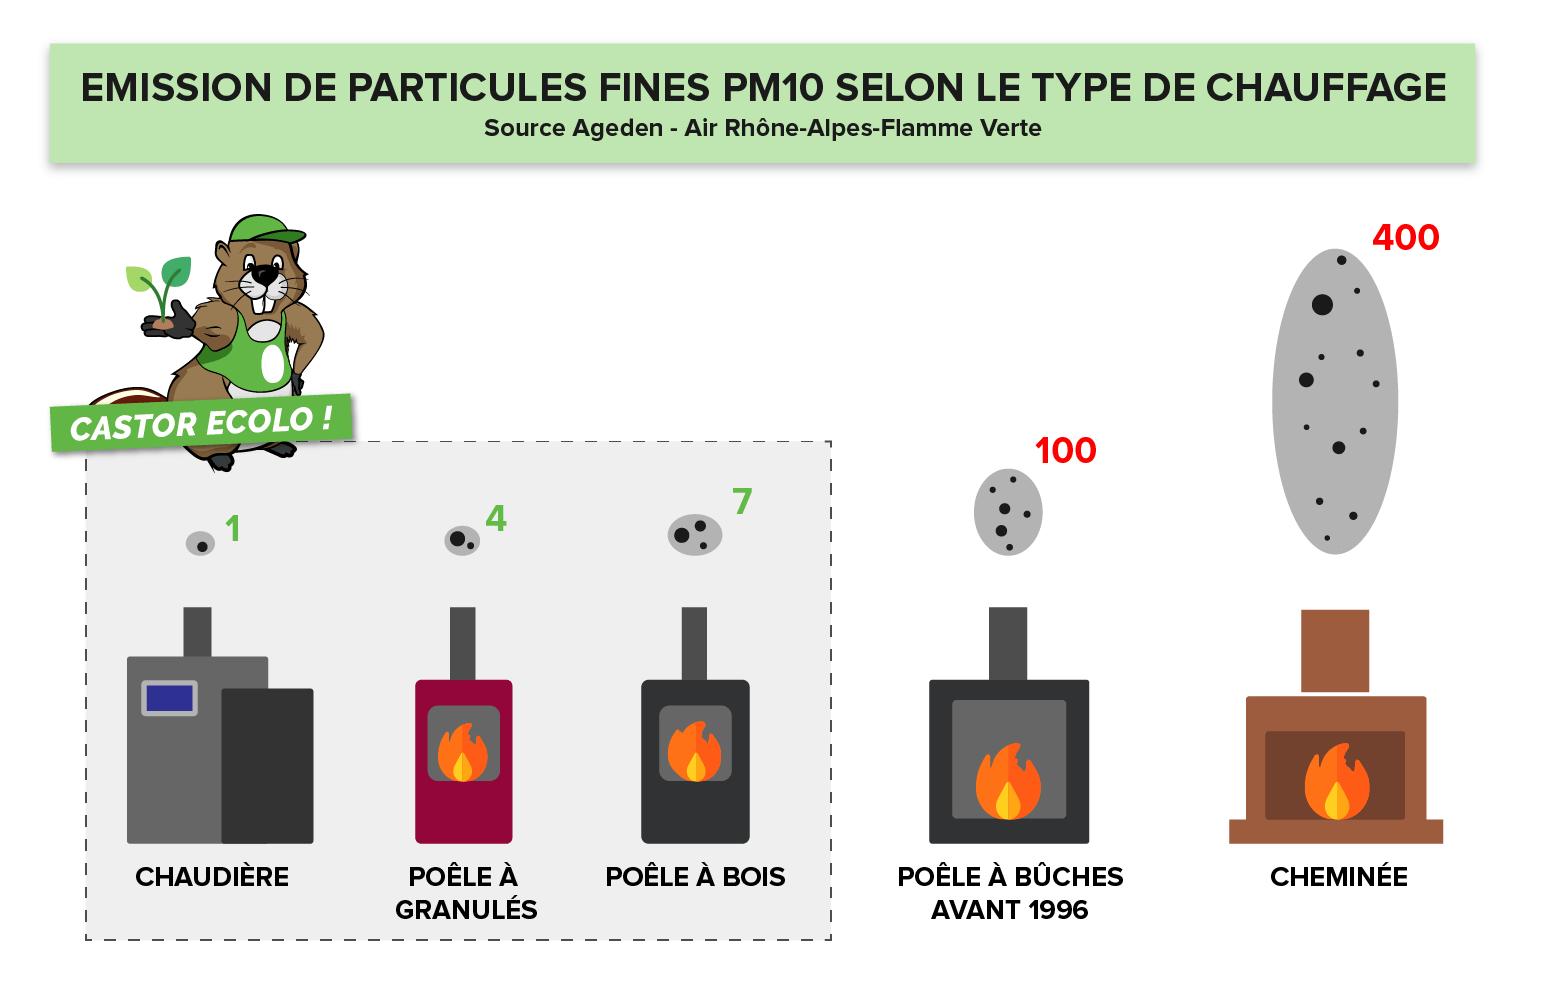 La combustion du granulés de bois rejetent jusqu'a 400 fois moins de particules fines